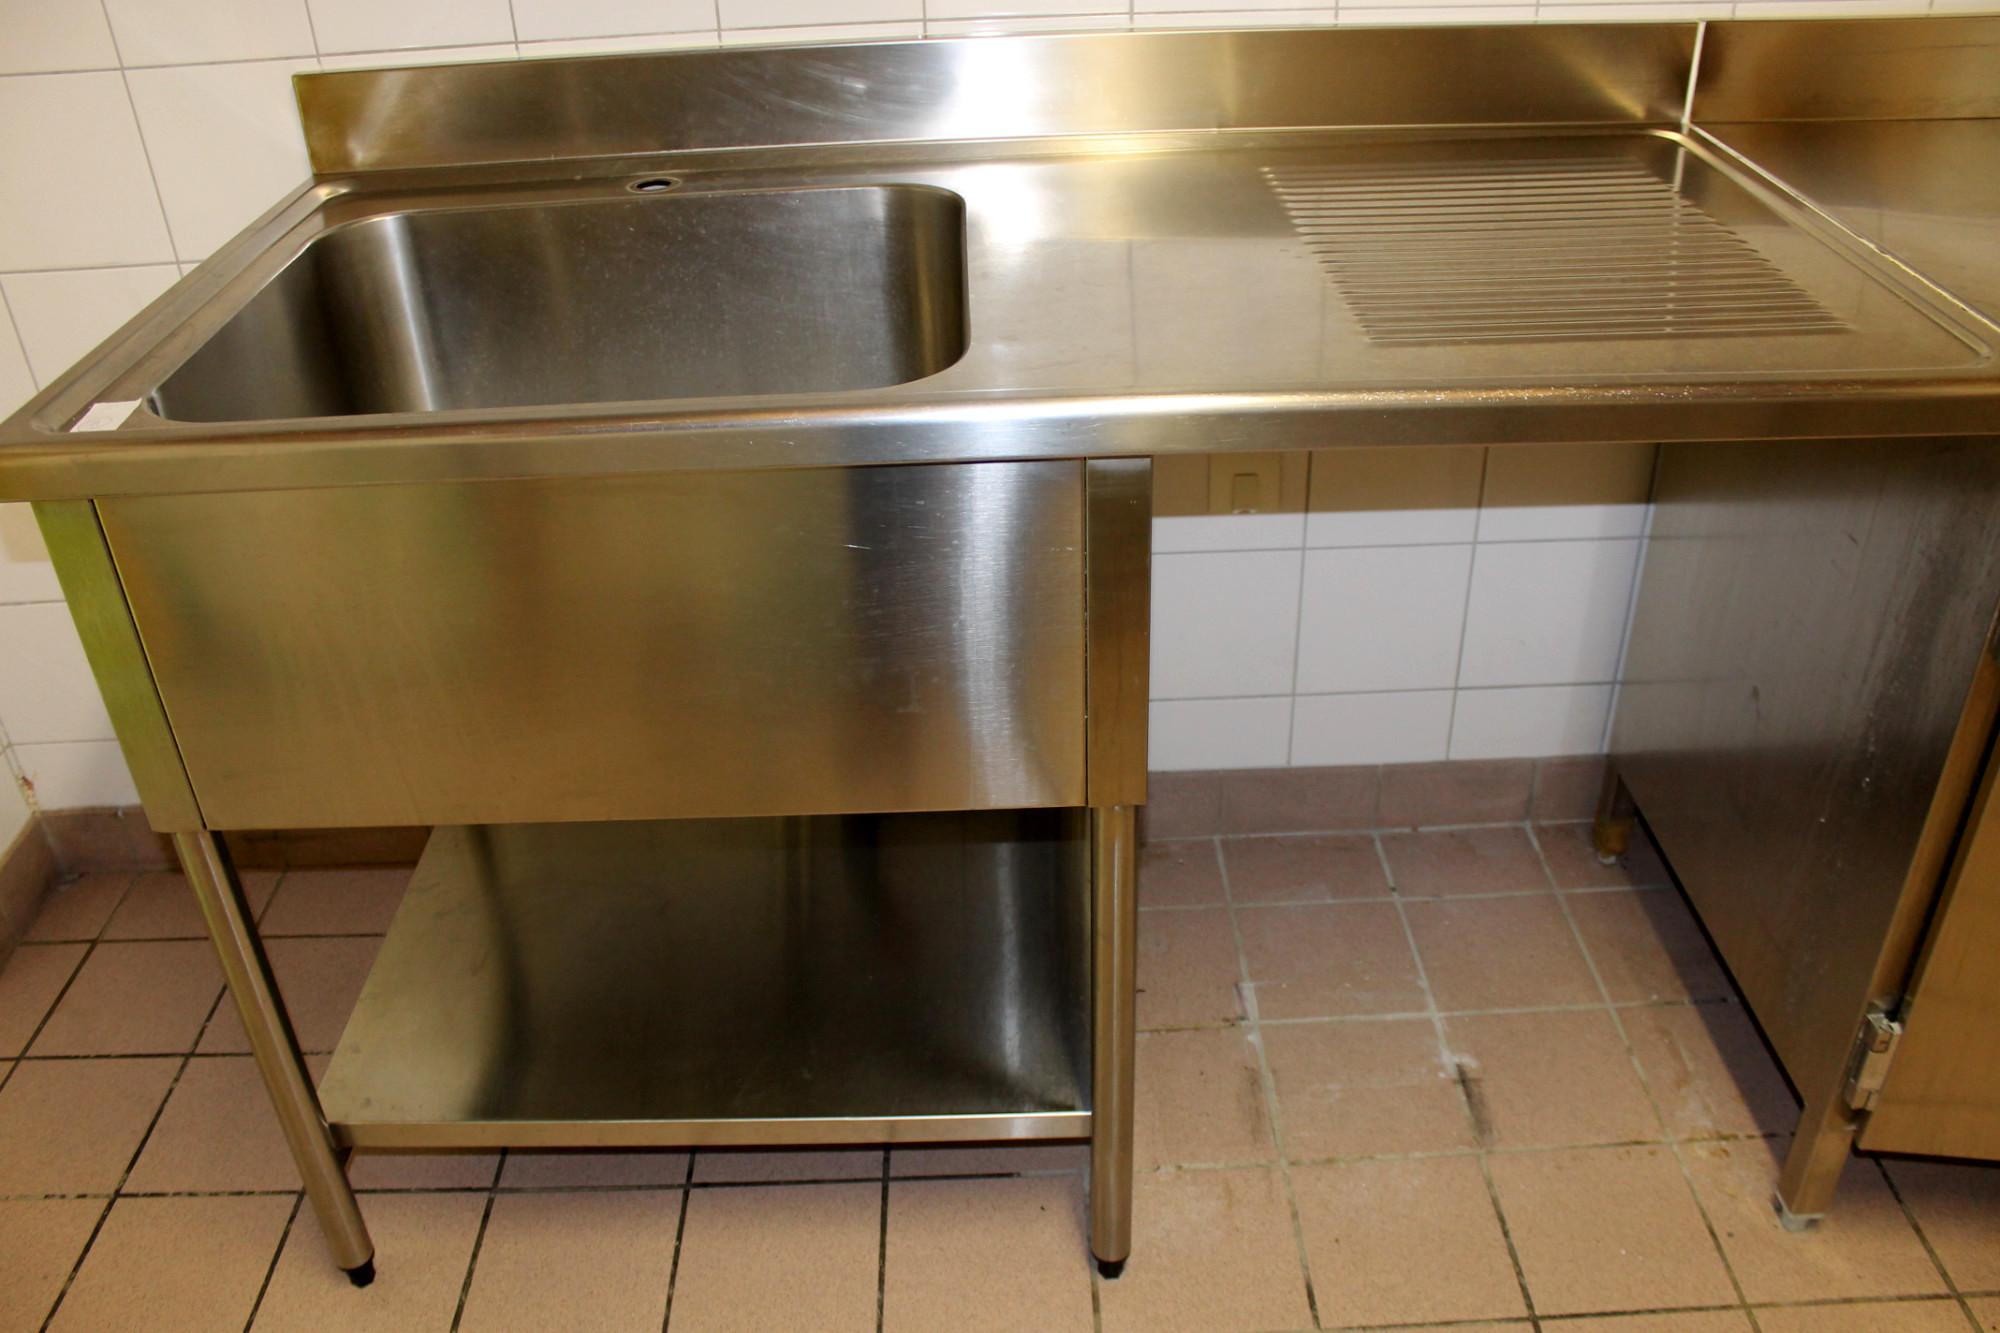 Plonge equipement de cuisine d 39 occasion aux ench res - Aide cuisine collectivite ...